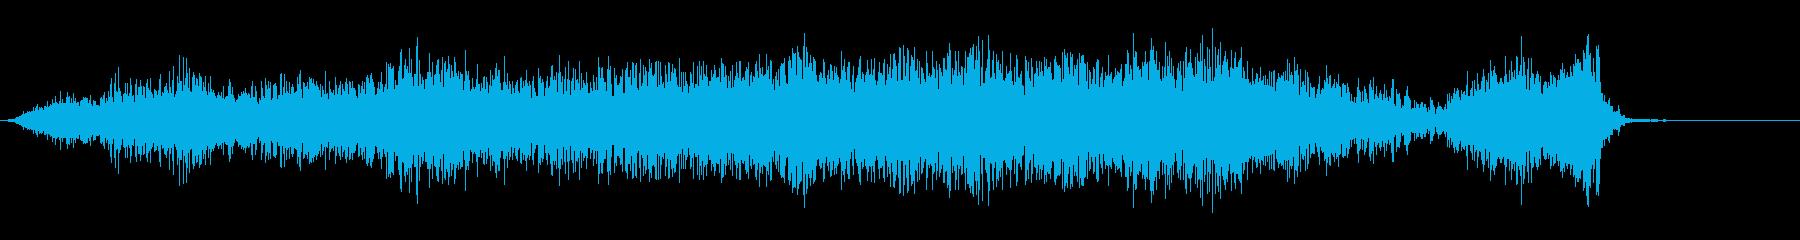 宇宙の旅の再生済みの波形